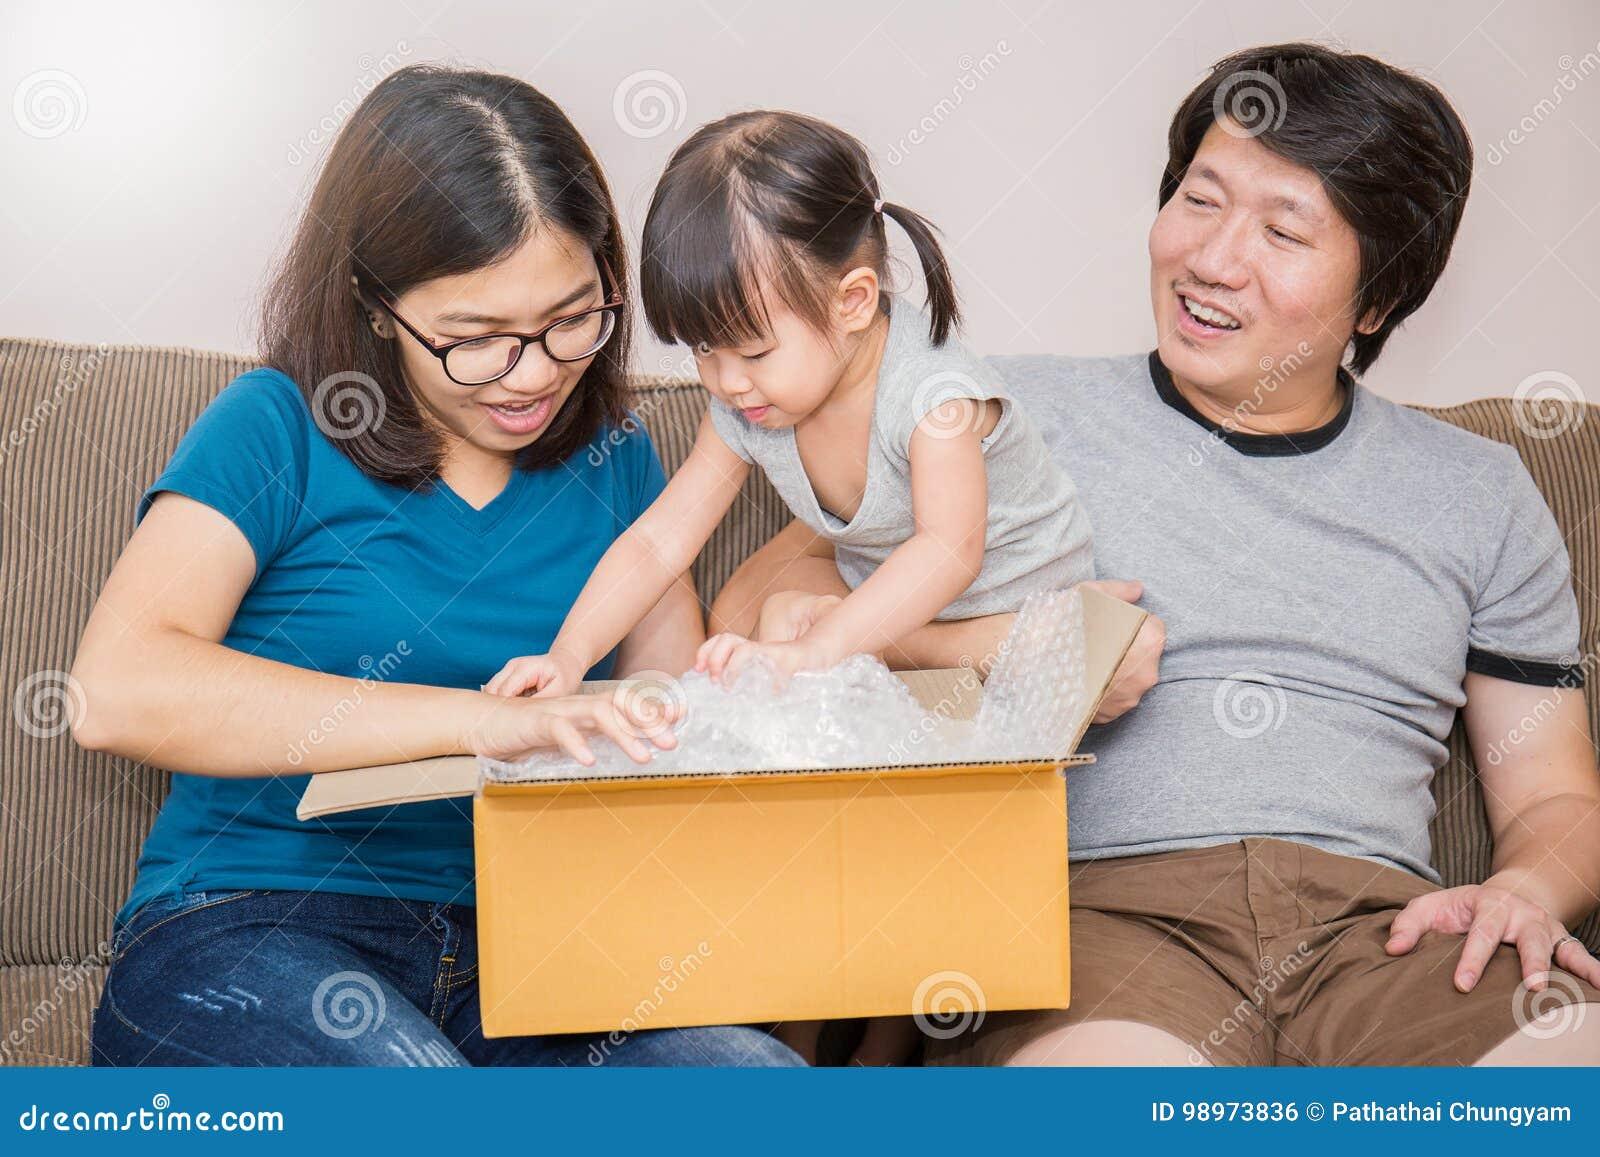 亚洲家庭移动的房子一起打开箱子